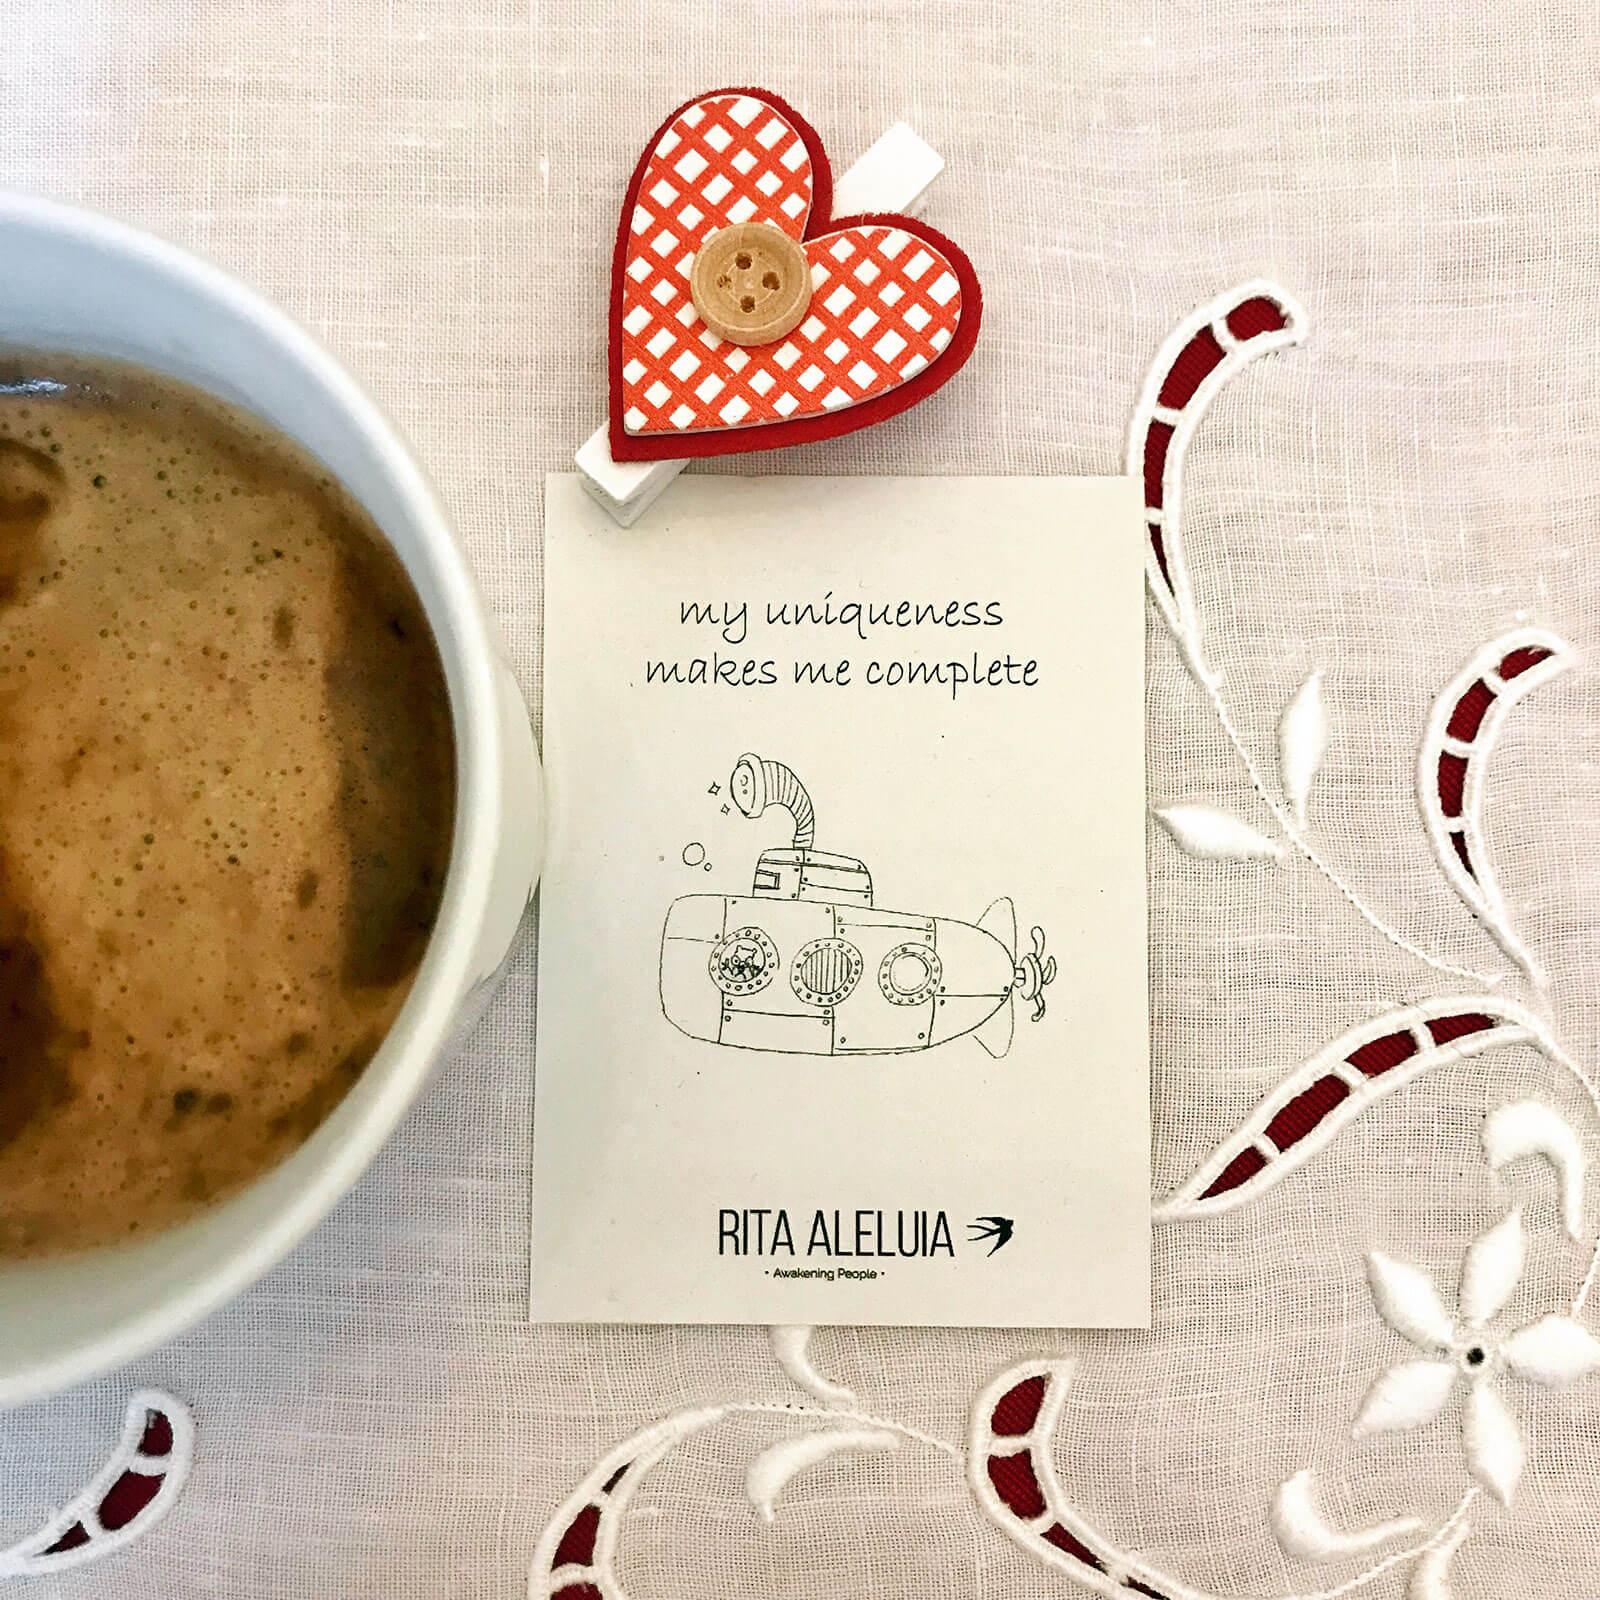 Chávena de café, coração e cartão da Rita Aleluia sobre toalha de mesa.